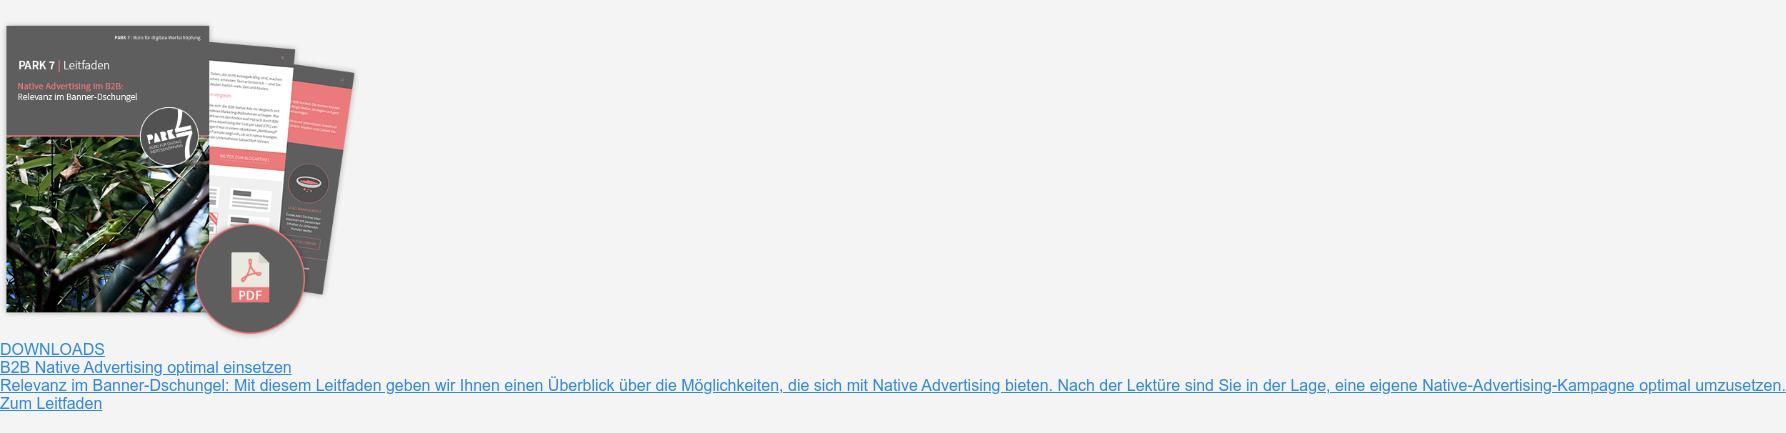 Downloads  B2B Native Advertising optimal einsetzen  Relevanz im Banner-Dschungel: Mit diesem Leitfaden geben wir Ihnen einen  Überblick über die Möglichkeiten, die sich mit Native Advertising bieten. Nach  der Lektüre sind Sie in der Lage, eine eigene Native-Advertising-Kampagne  optimal umzusetzen.  Zum Leitfaden